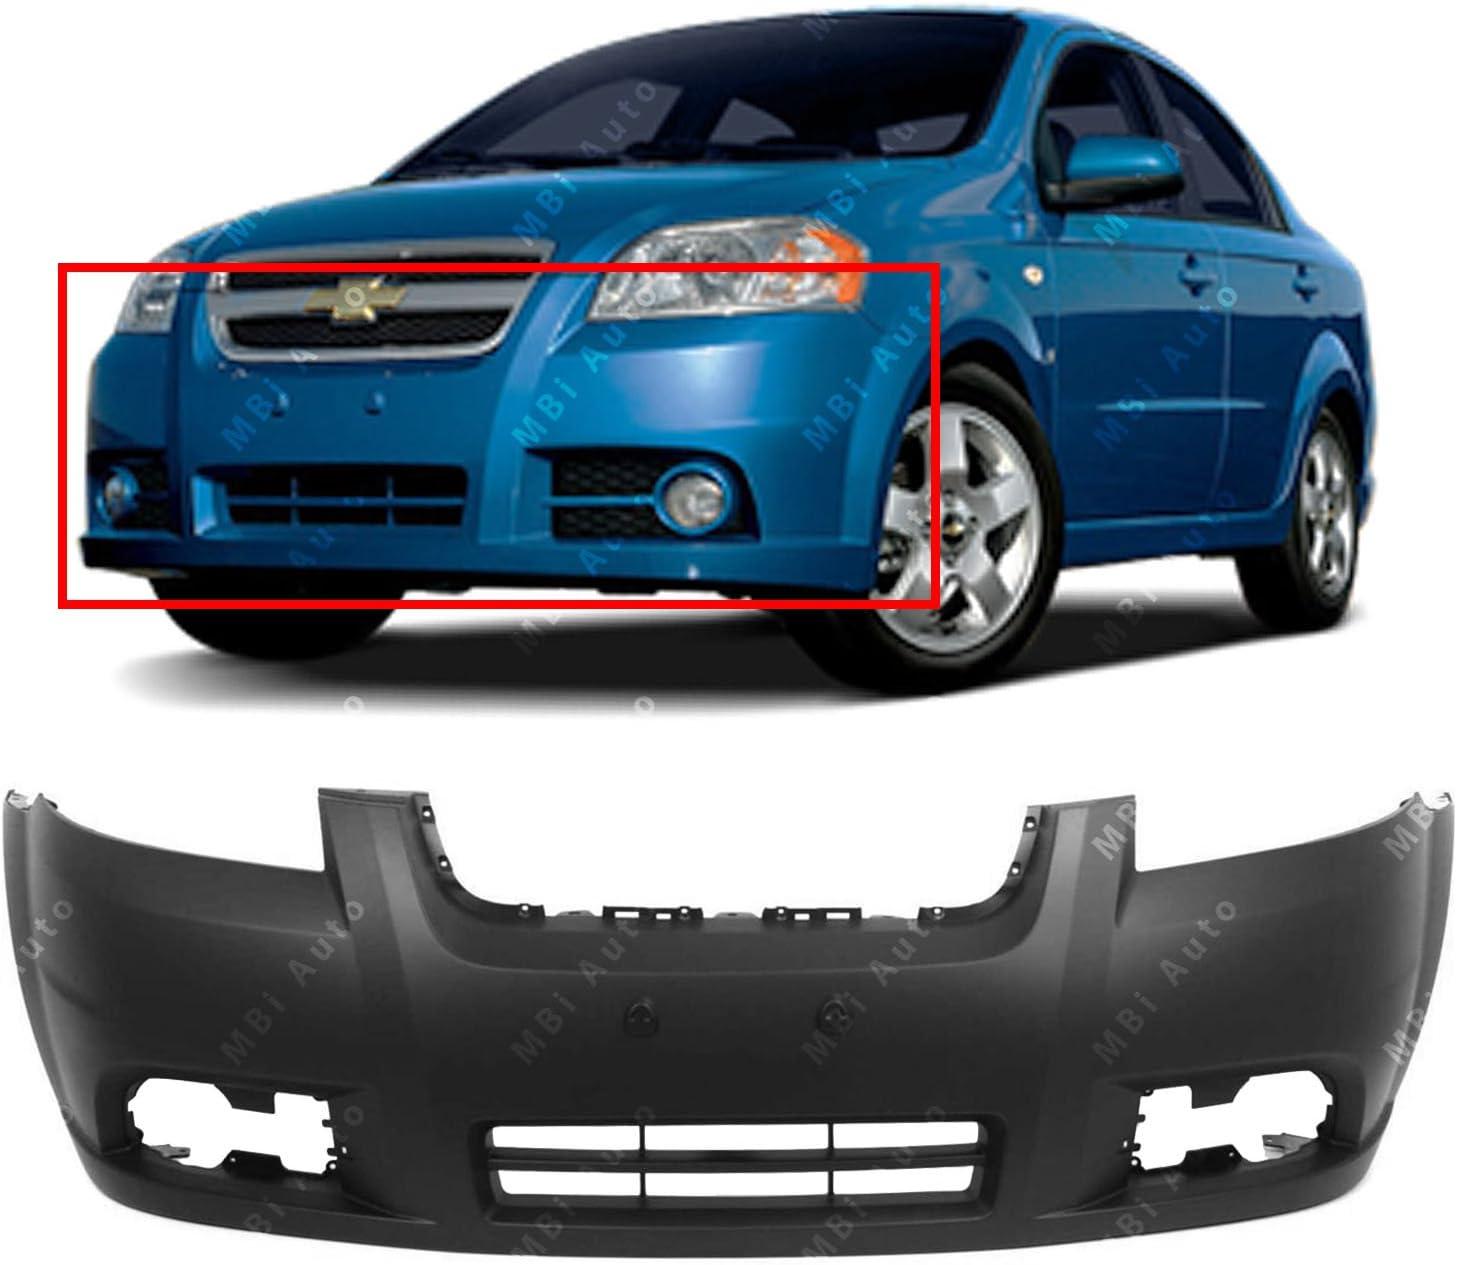 Amazon Com Mbi Auto Primered Front Bumper Cover Fascia For 2007 2011 Chevy Aveo Sedan 07 10 Gm1000833 Automotive